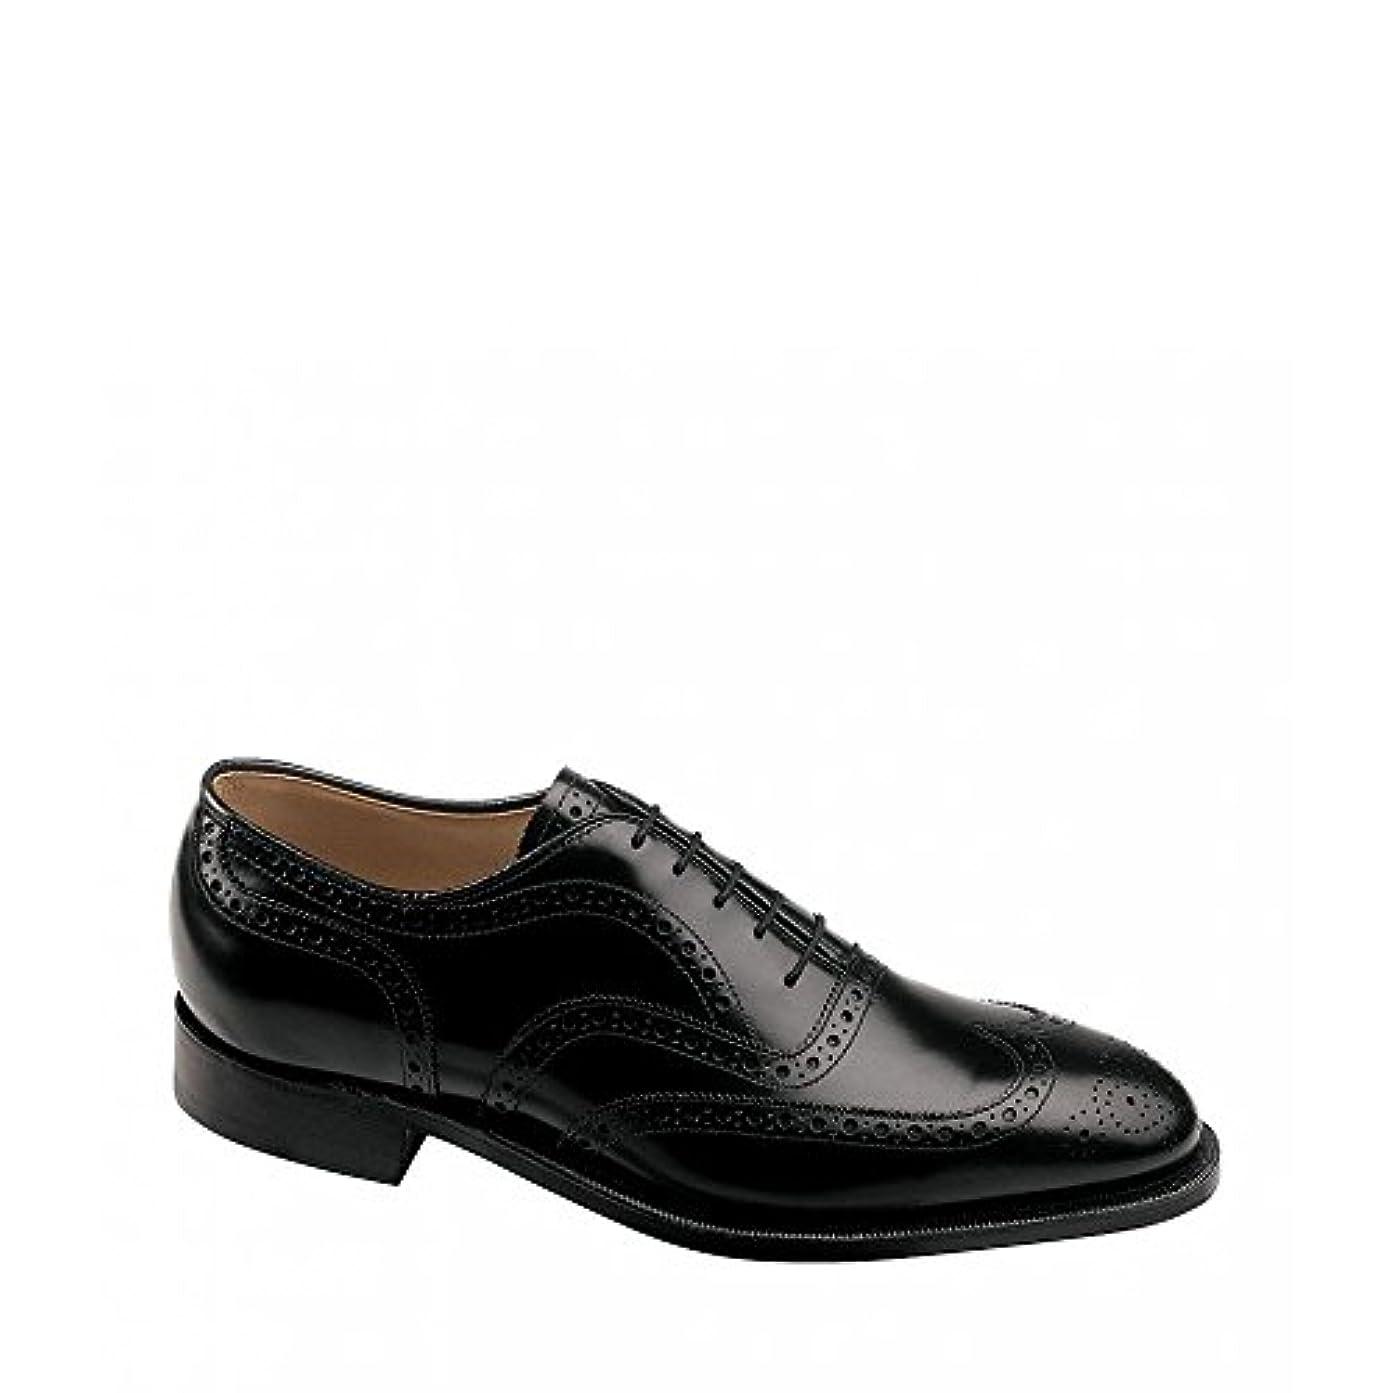 操作説教不格好(ジョンストン&マーフィー) Johnston & Murphy メンズ シューズ?靴 革靴?ビジネスシューズ Waverly Wingtip Detail Oxfords [並行輸入品]